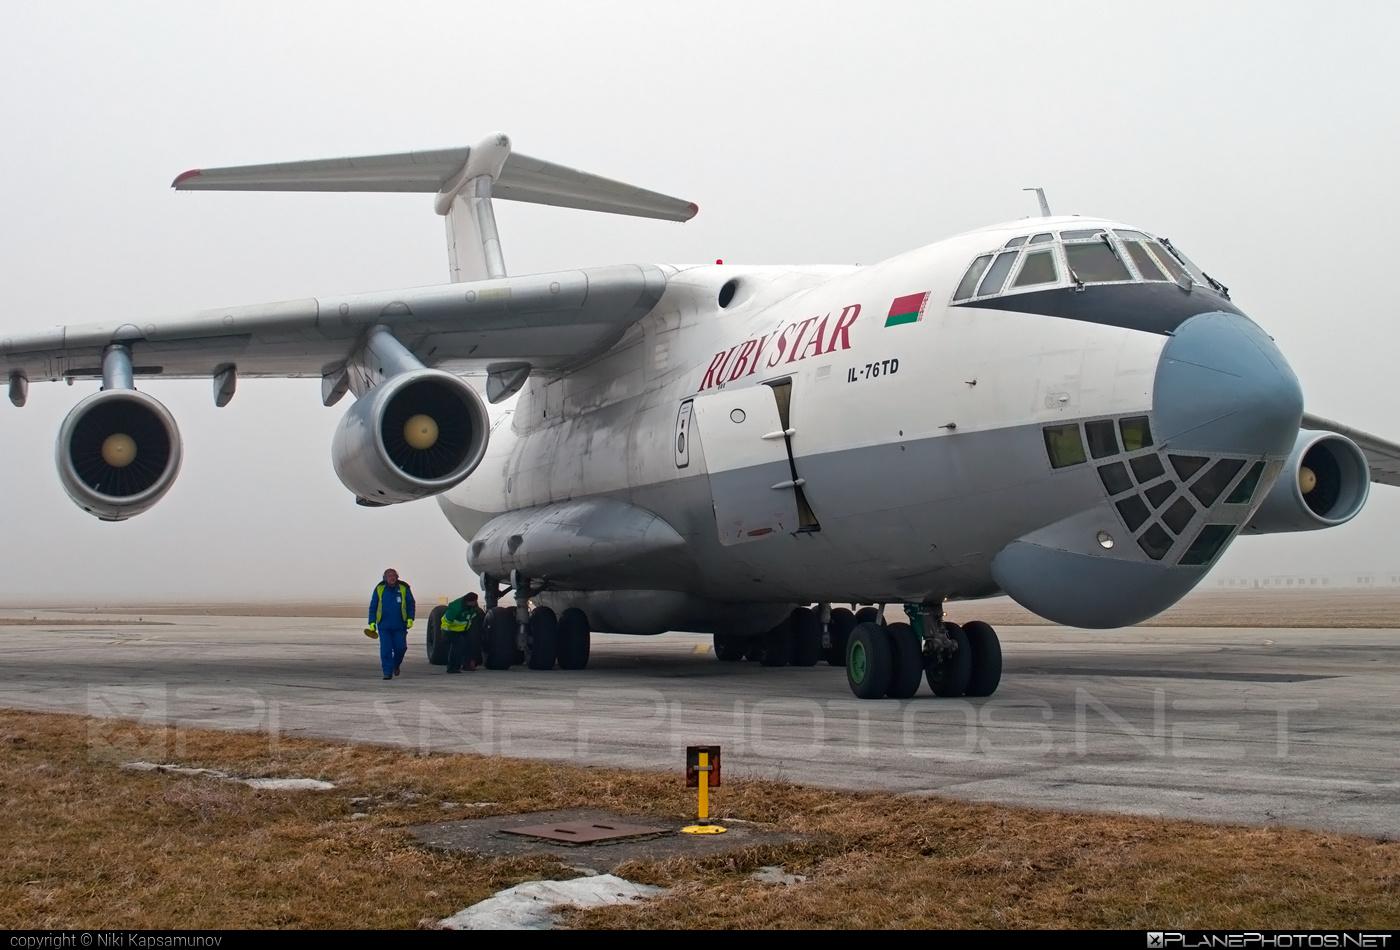 Ilyushin Il-76TD - EW-412TH operated by RubyStar #il76 #il76td #ilyushin #rubystar